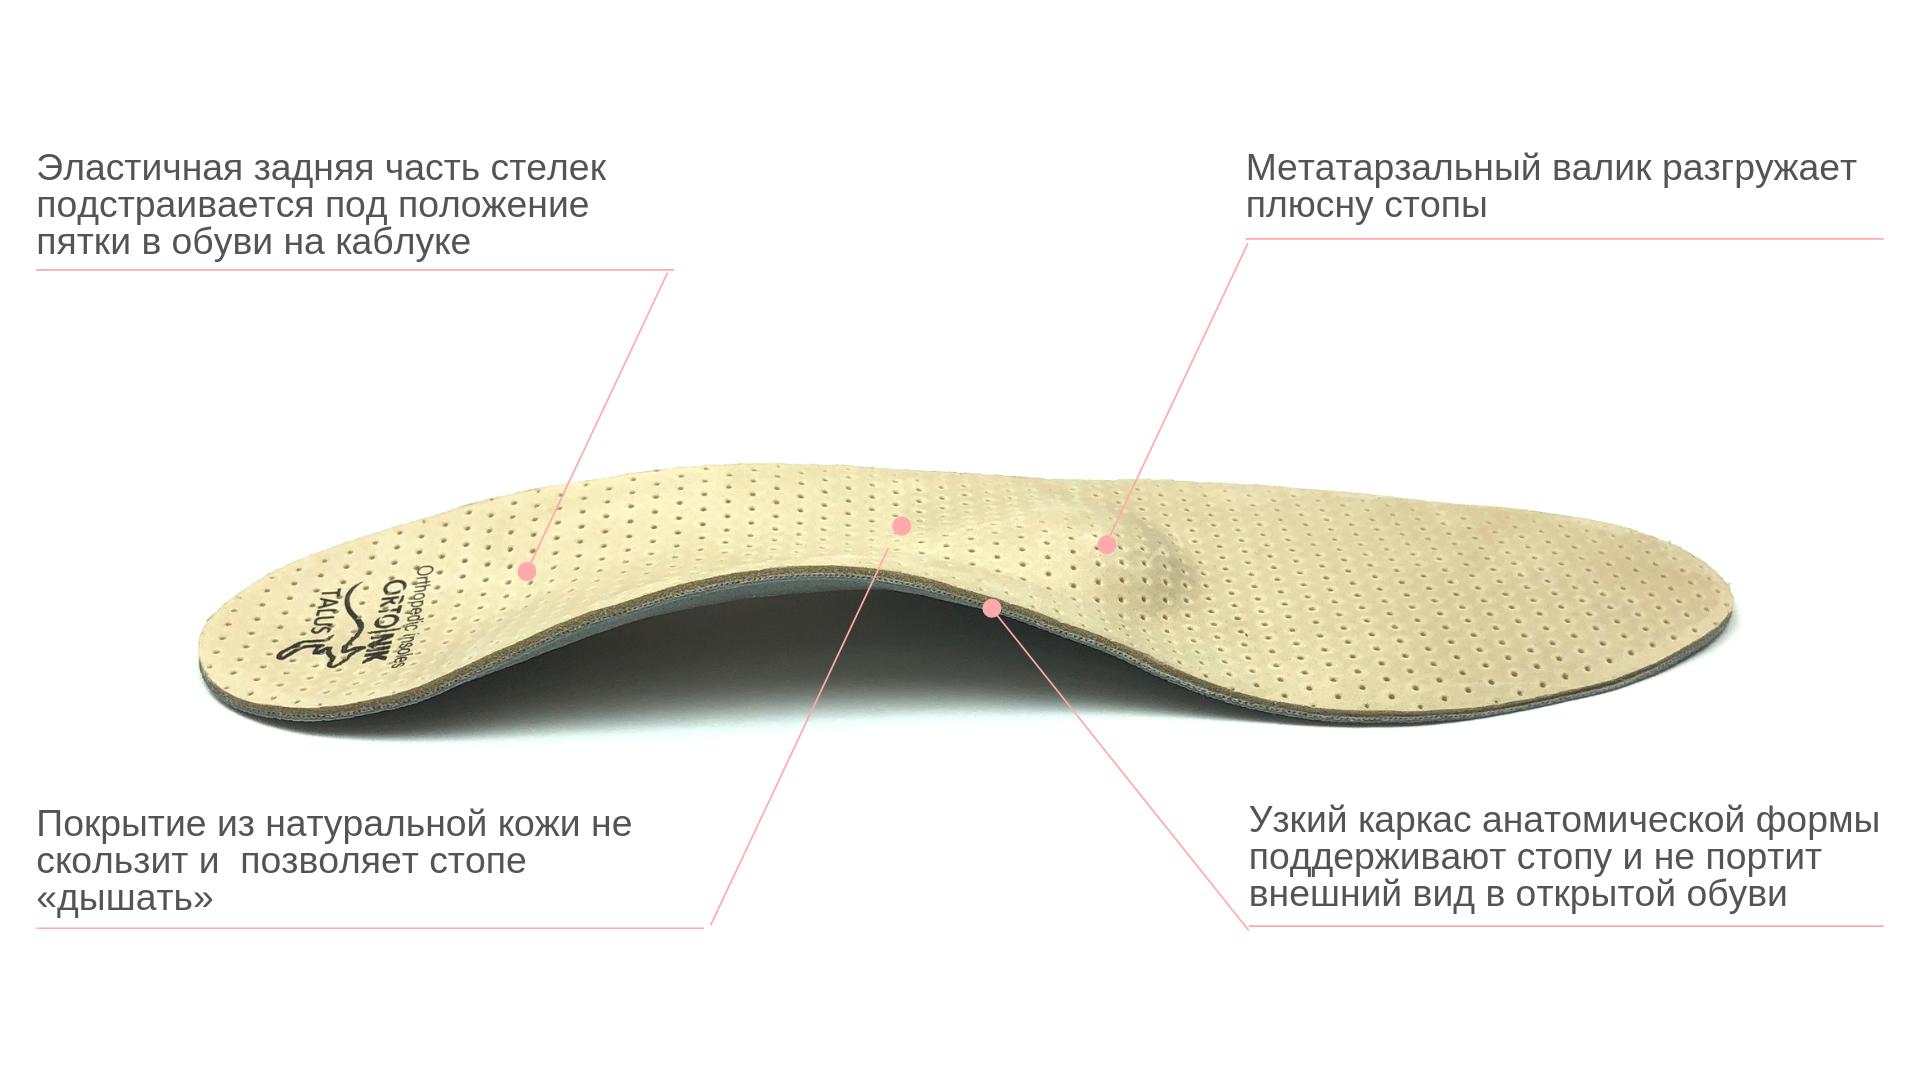 Тонкие ортопедические стельки для модельной обуви на высоком каблуке